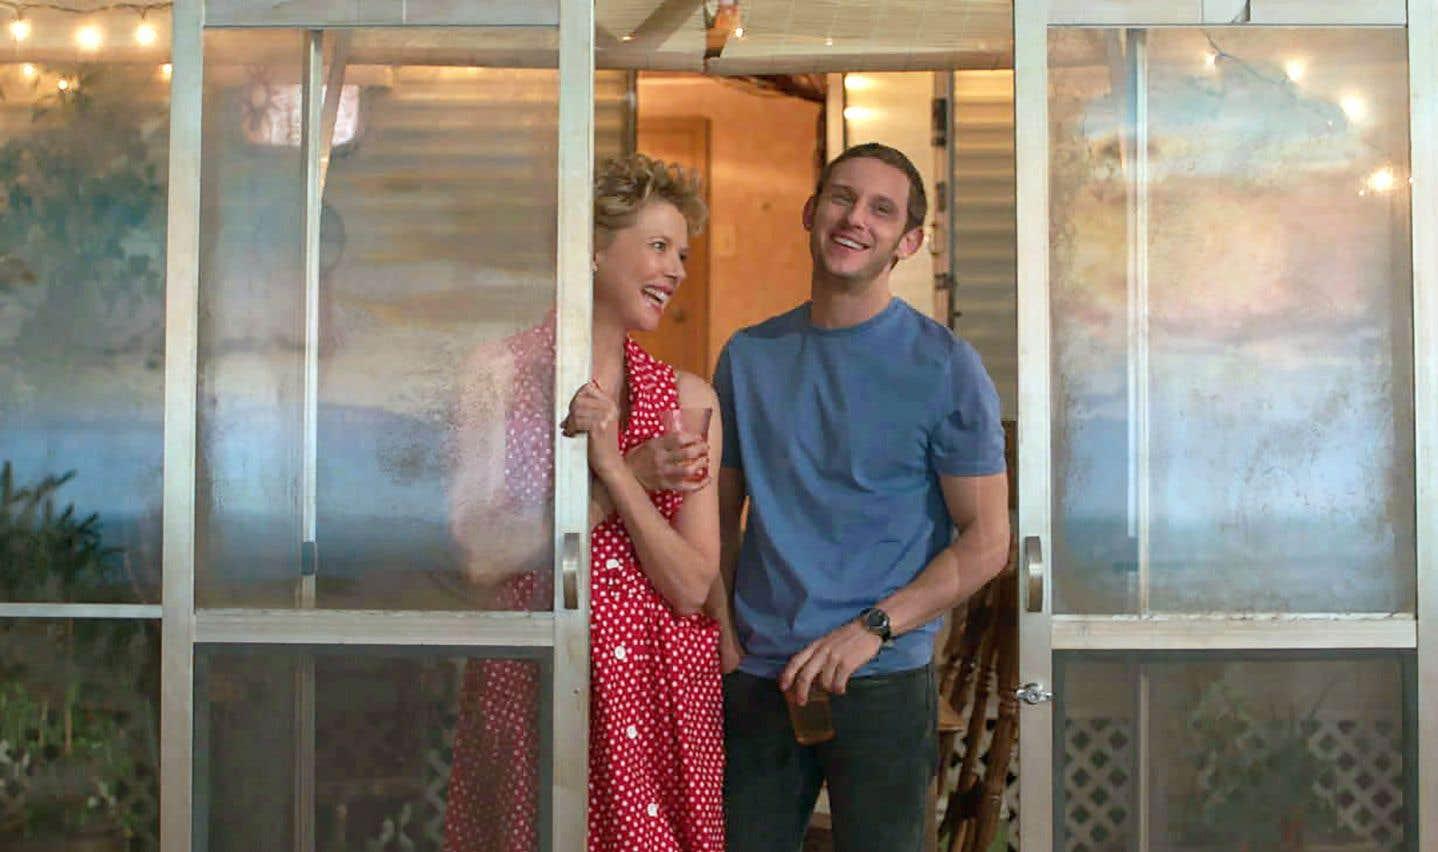 Les stars déchues doivent aussi vivre des deuils. Dans «Film Stars Don't Die in Liverpool», de Paul McGuigan, Jamie Bell va succomber au charme d'Annette Bening, ou plutôt de celle qu'elle incarne, soit l'actrice oscarisée Gloria Grahame.